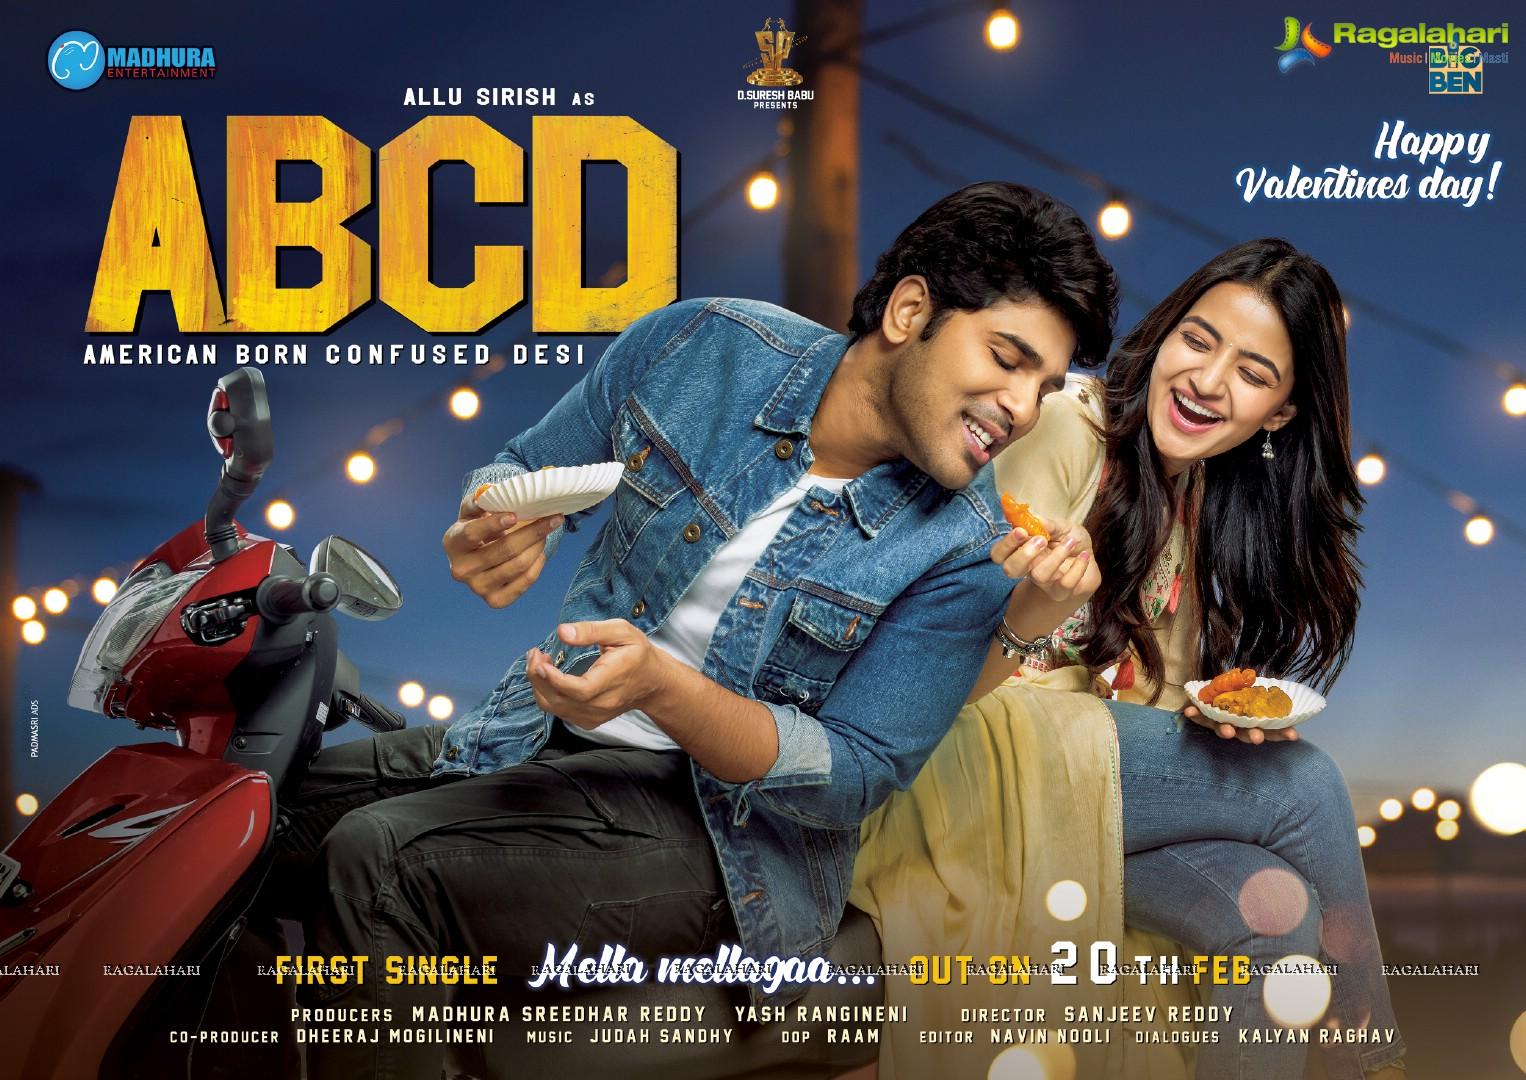 Allu Sirish ABCD(American Born Confused Desi) Valentines Day Poster